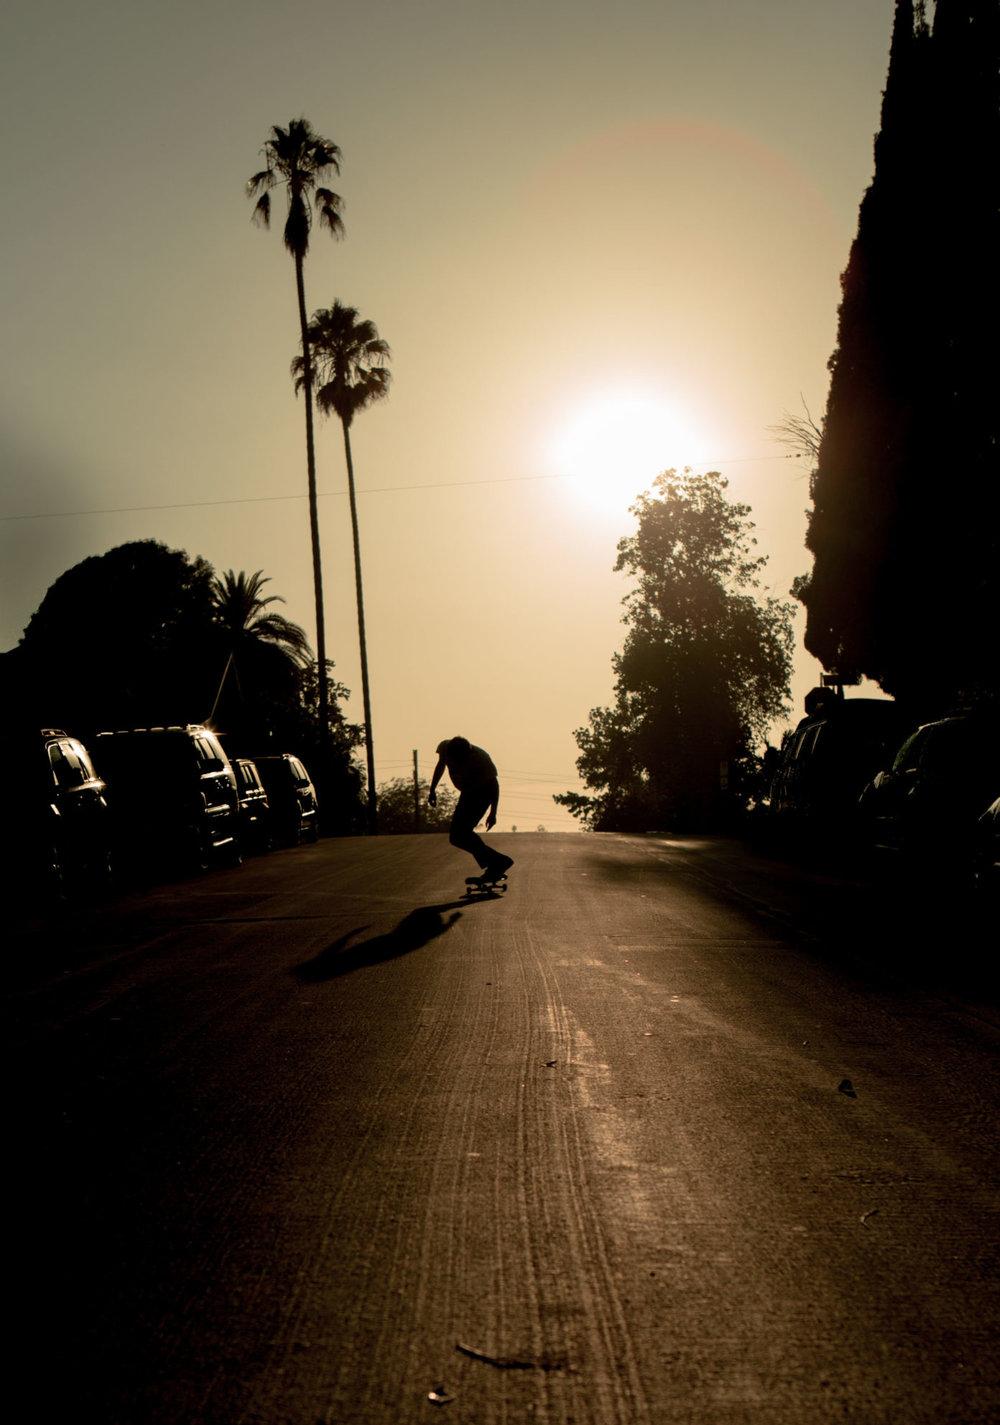 sebastien-zanella-surf-skate-photgraphy-8.jpg